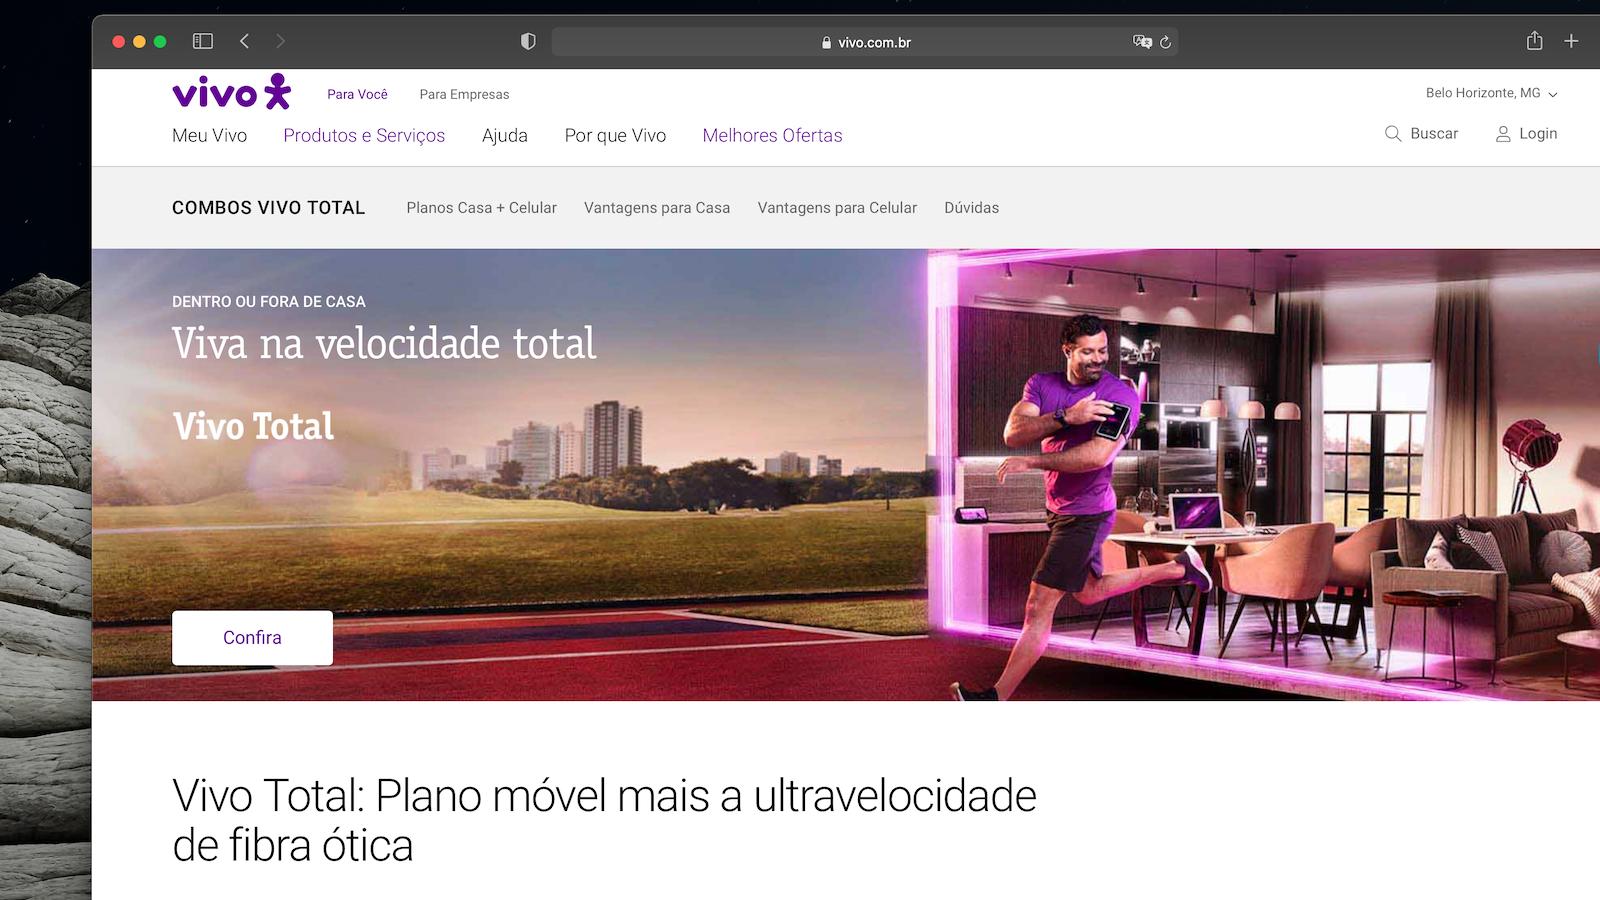 Vivo Total: combo com banda larga Vivo Fibra, telefone fixo e plano de celular (Imagem: Reprodução)